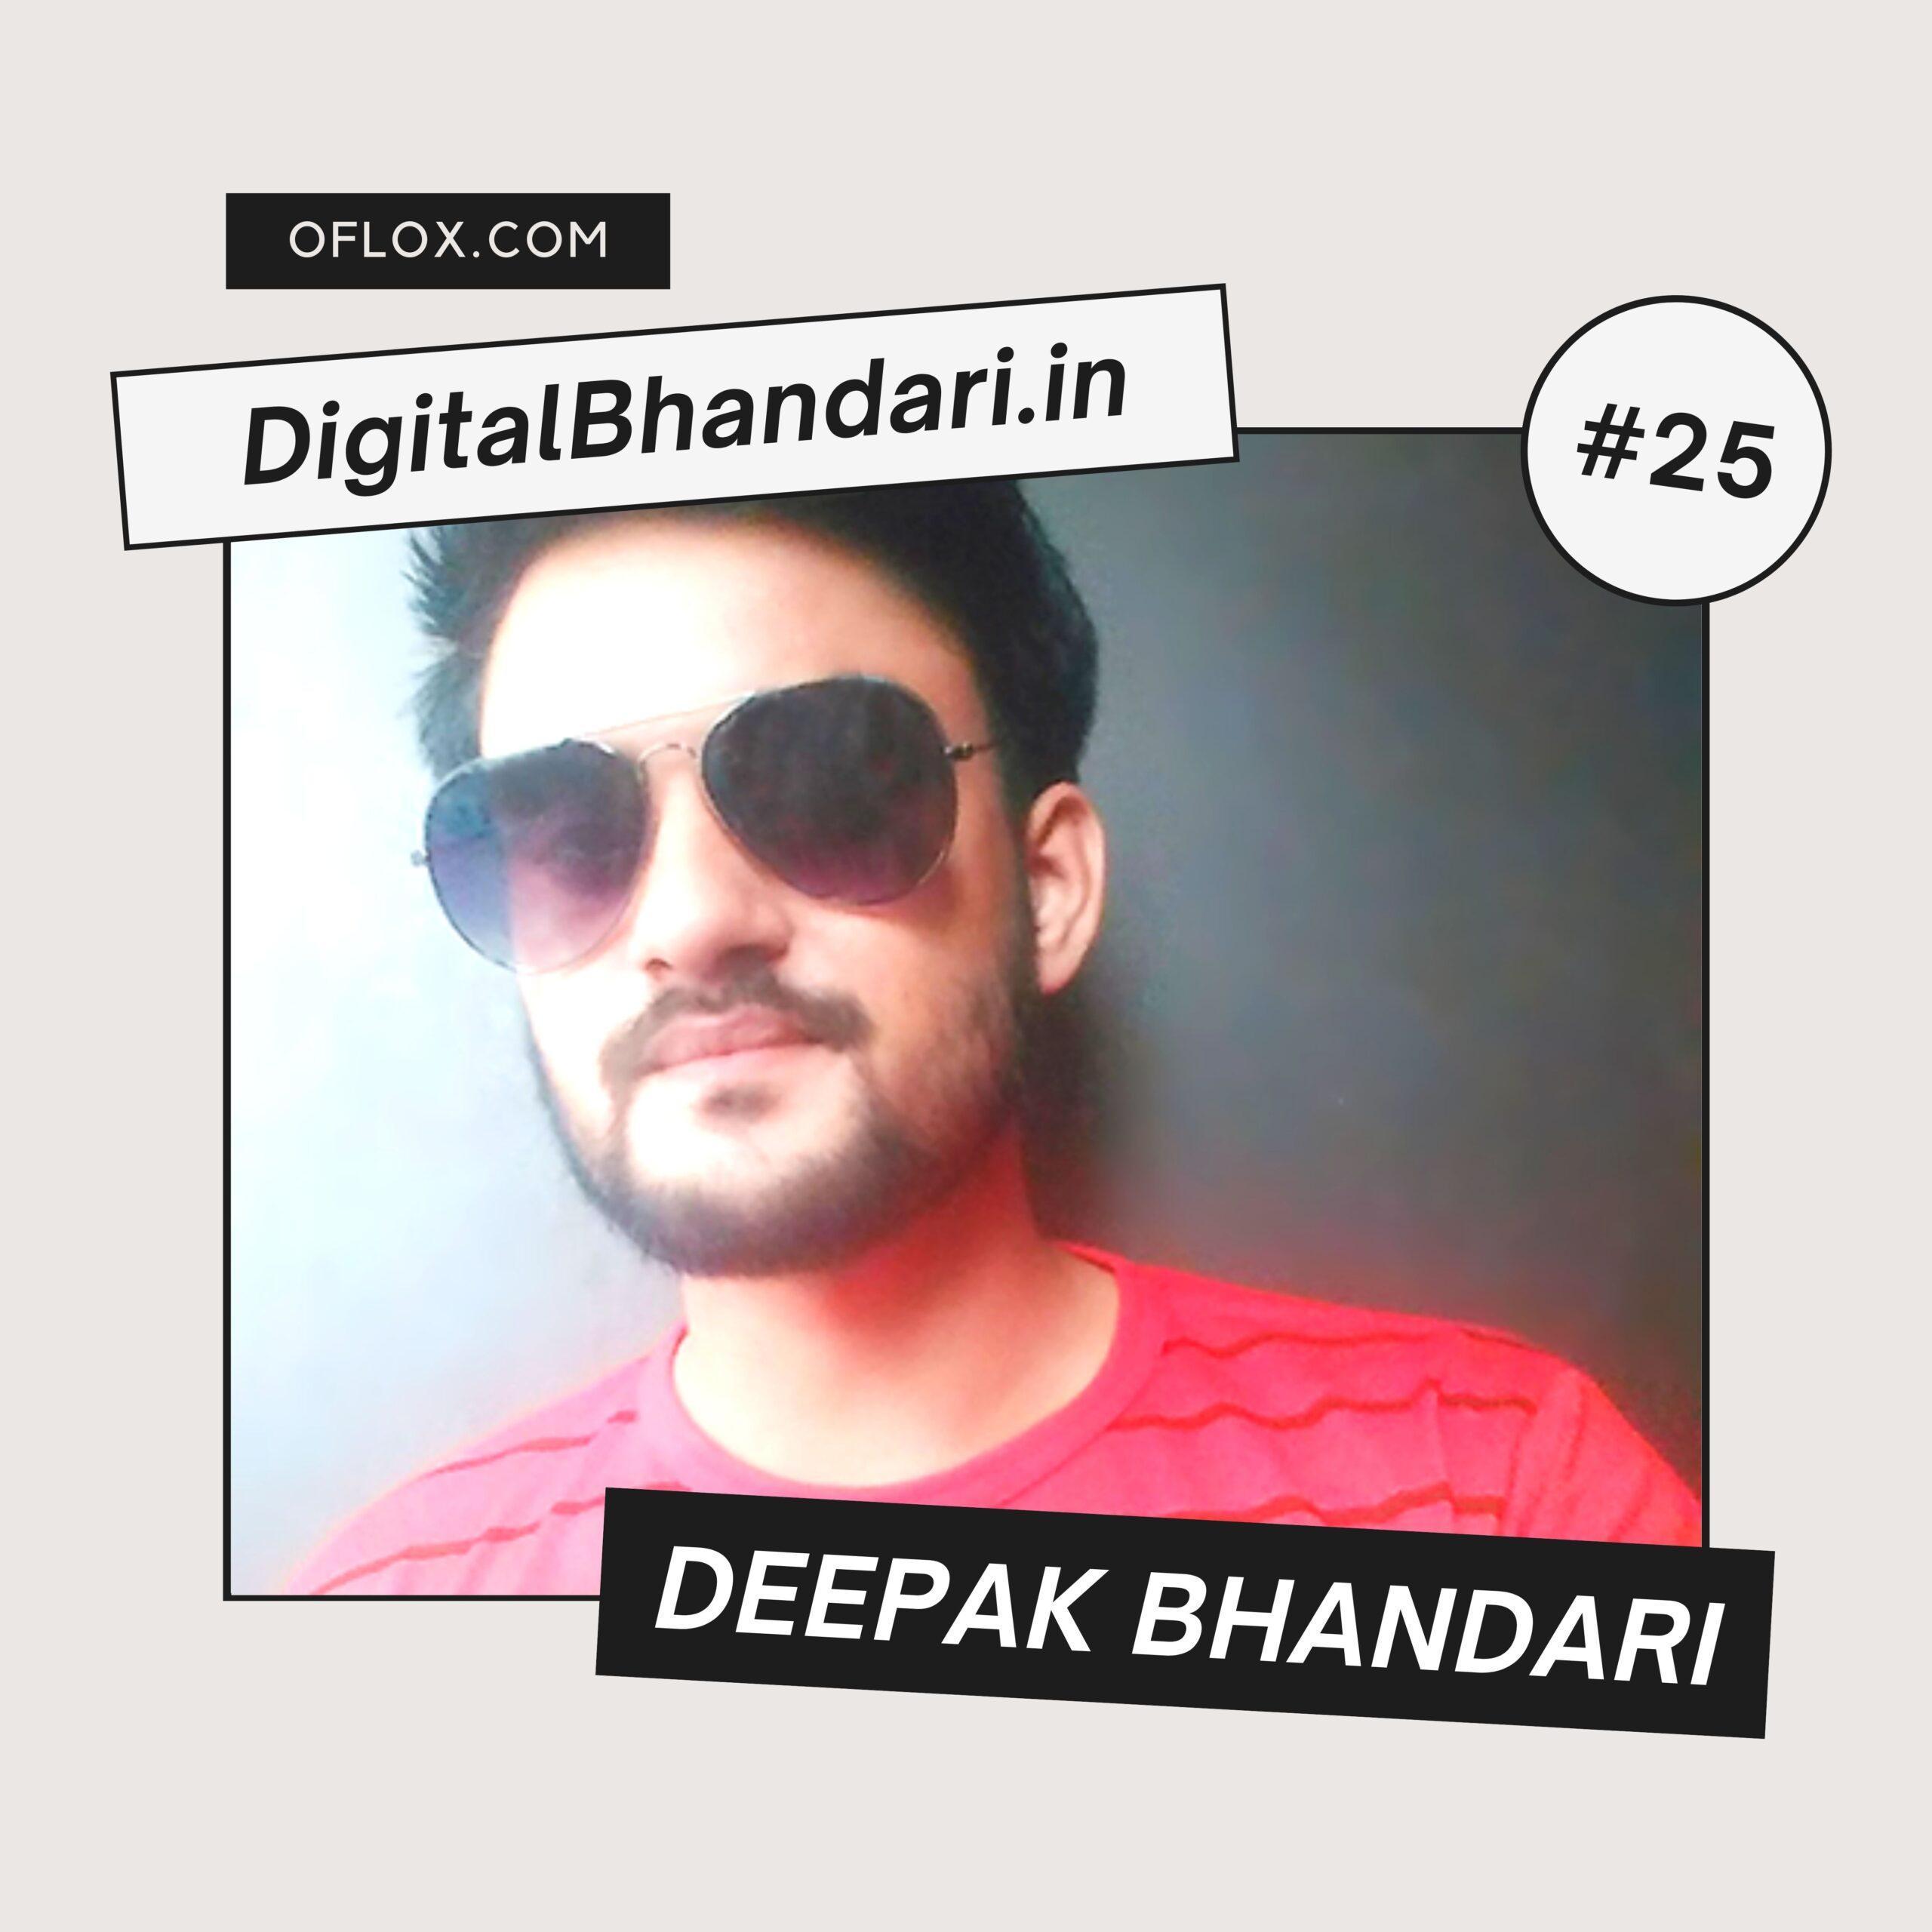 Digital Bhandari